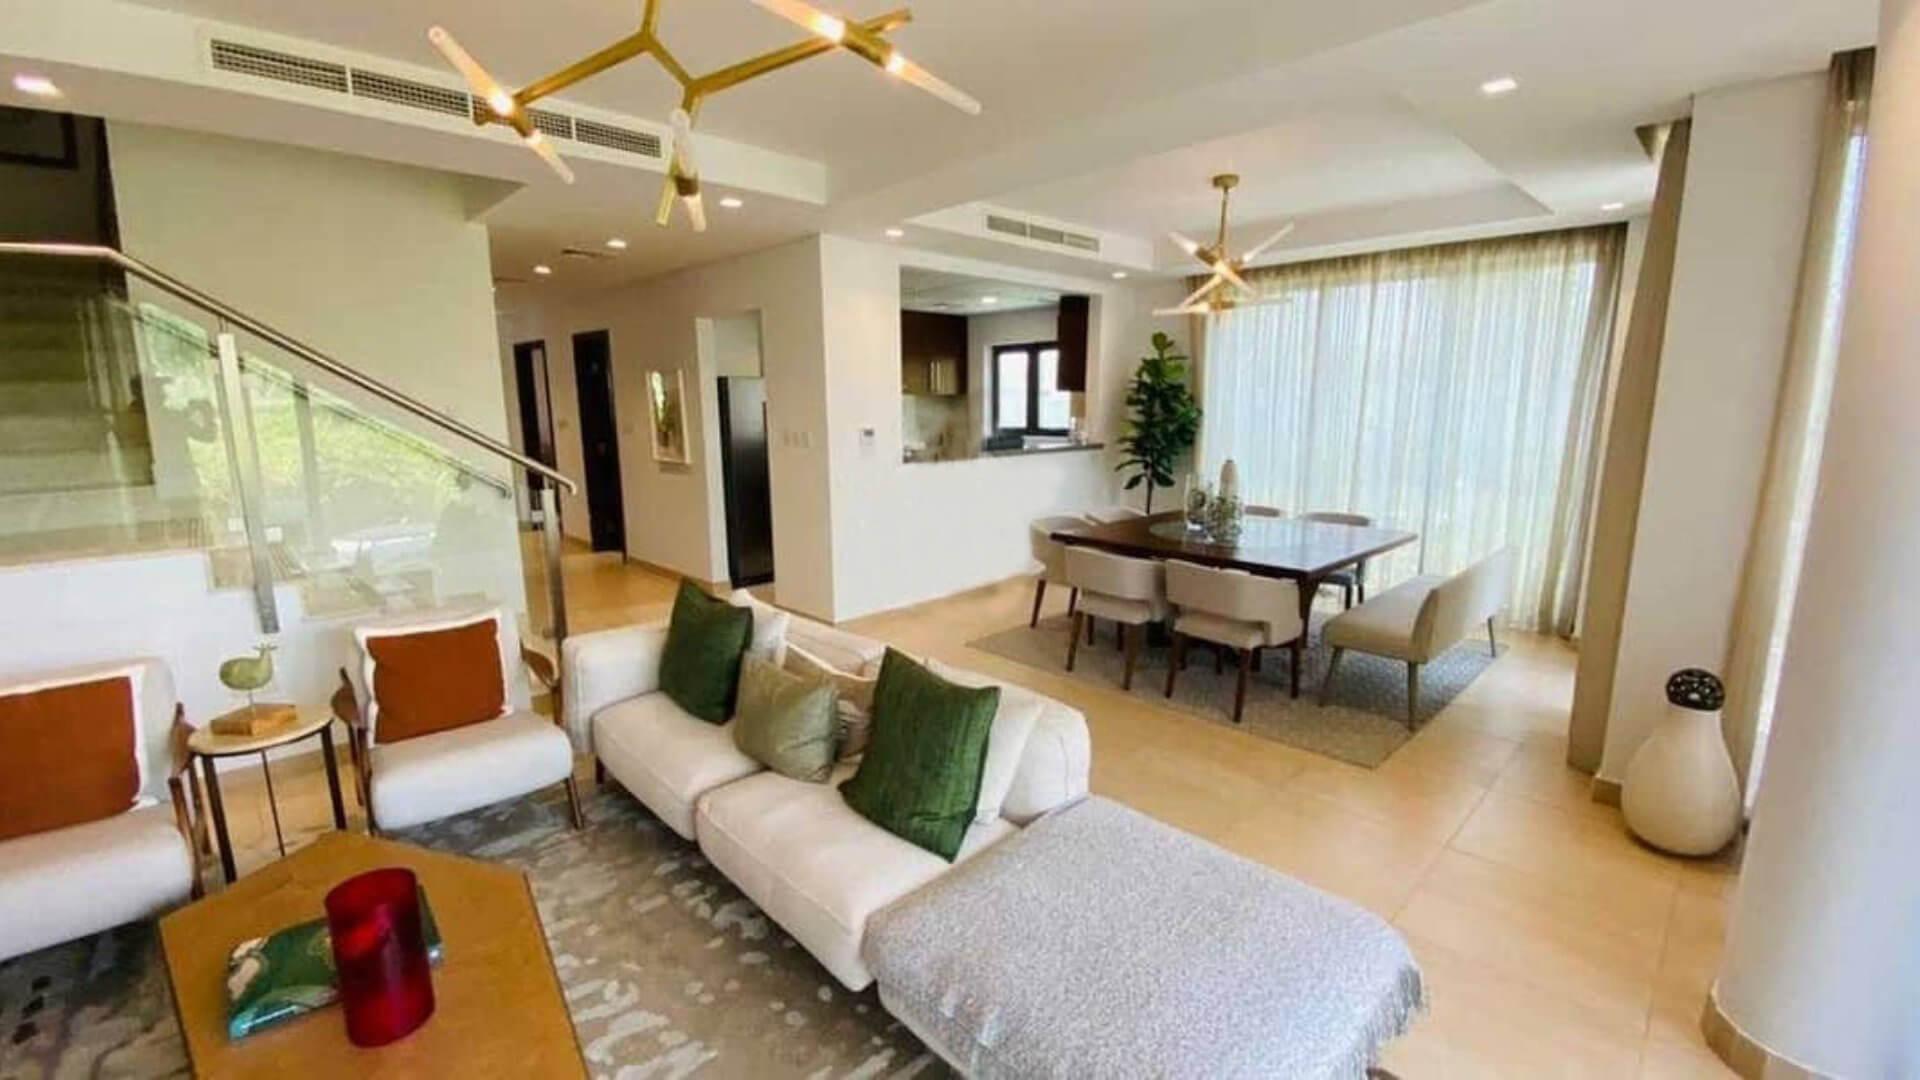 Adosado en venta en Dubai, EAU, 3 dormitorios, 164 m2, № 24538 – foto 3